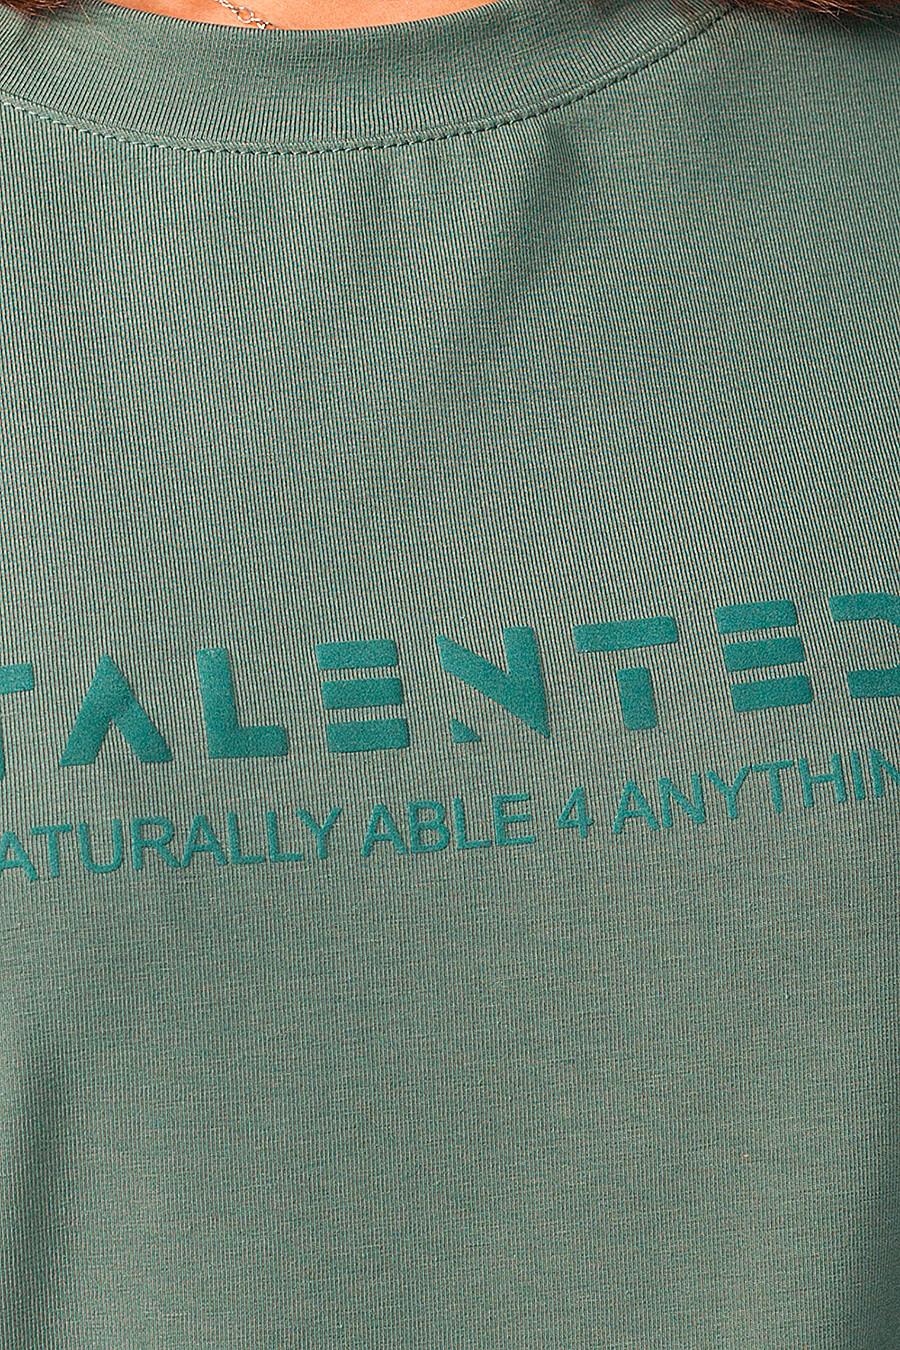 Футболка для женщин VILATTE 668627 купить оптом от производителя. Совместная покупка женской одежды в OptMoyo